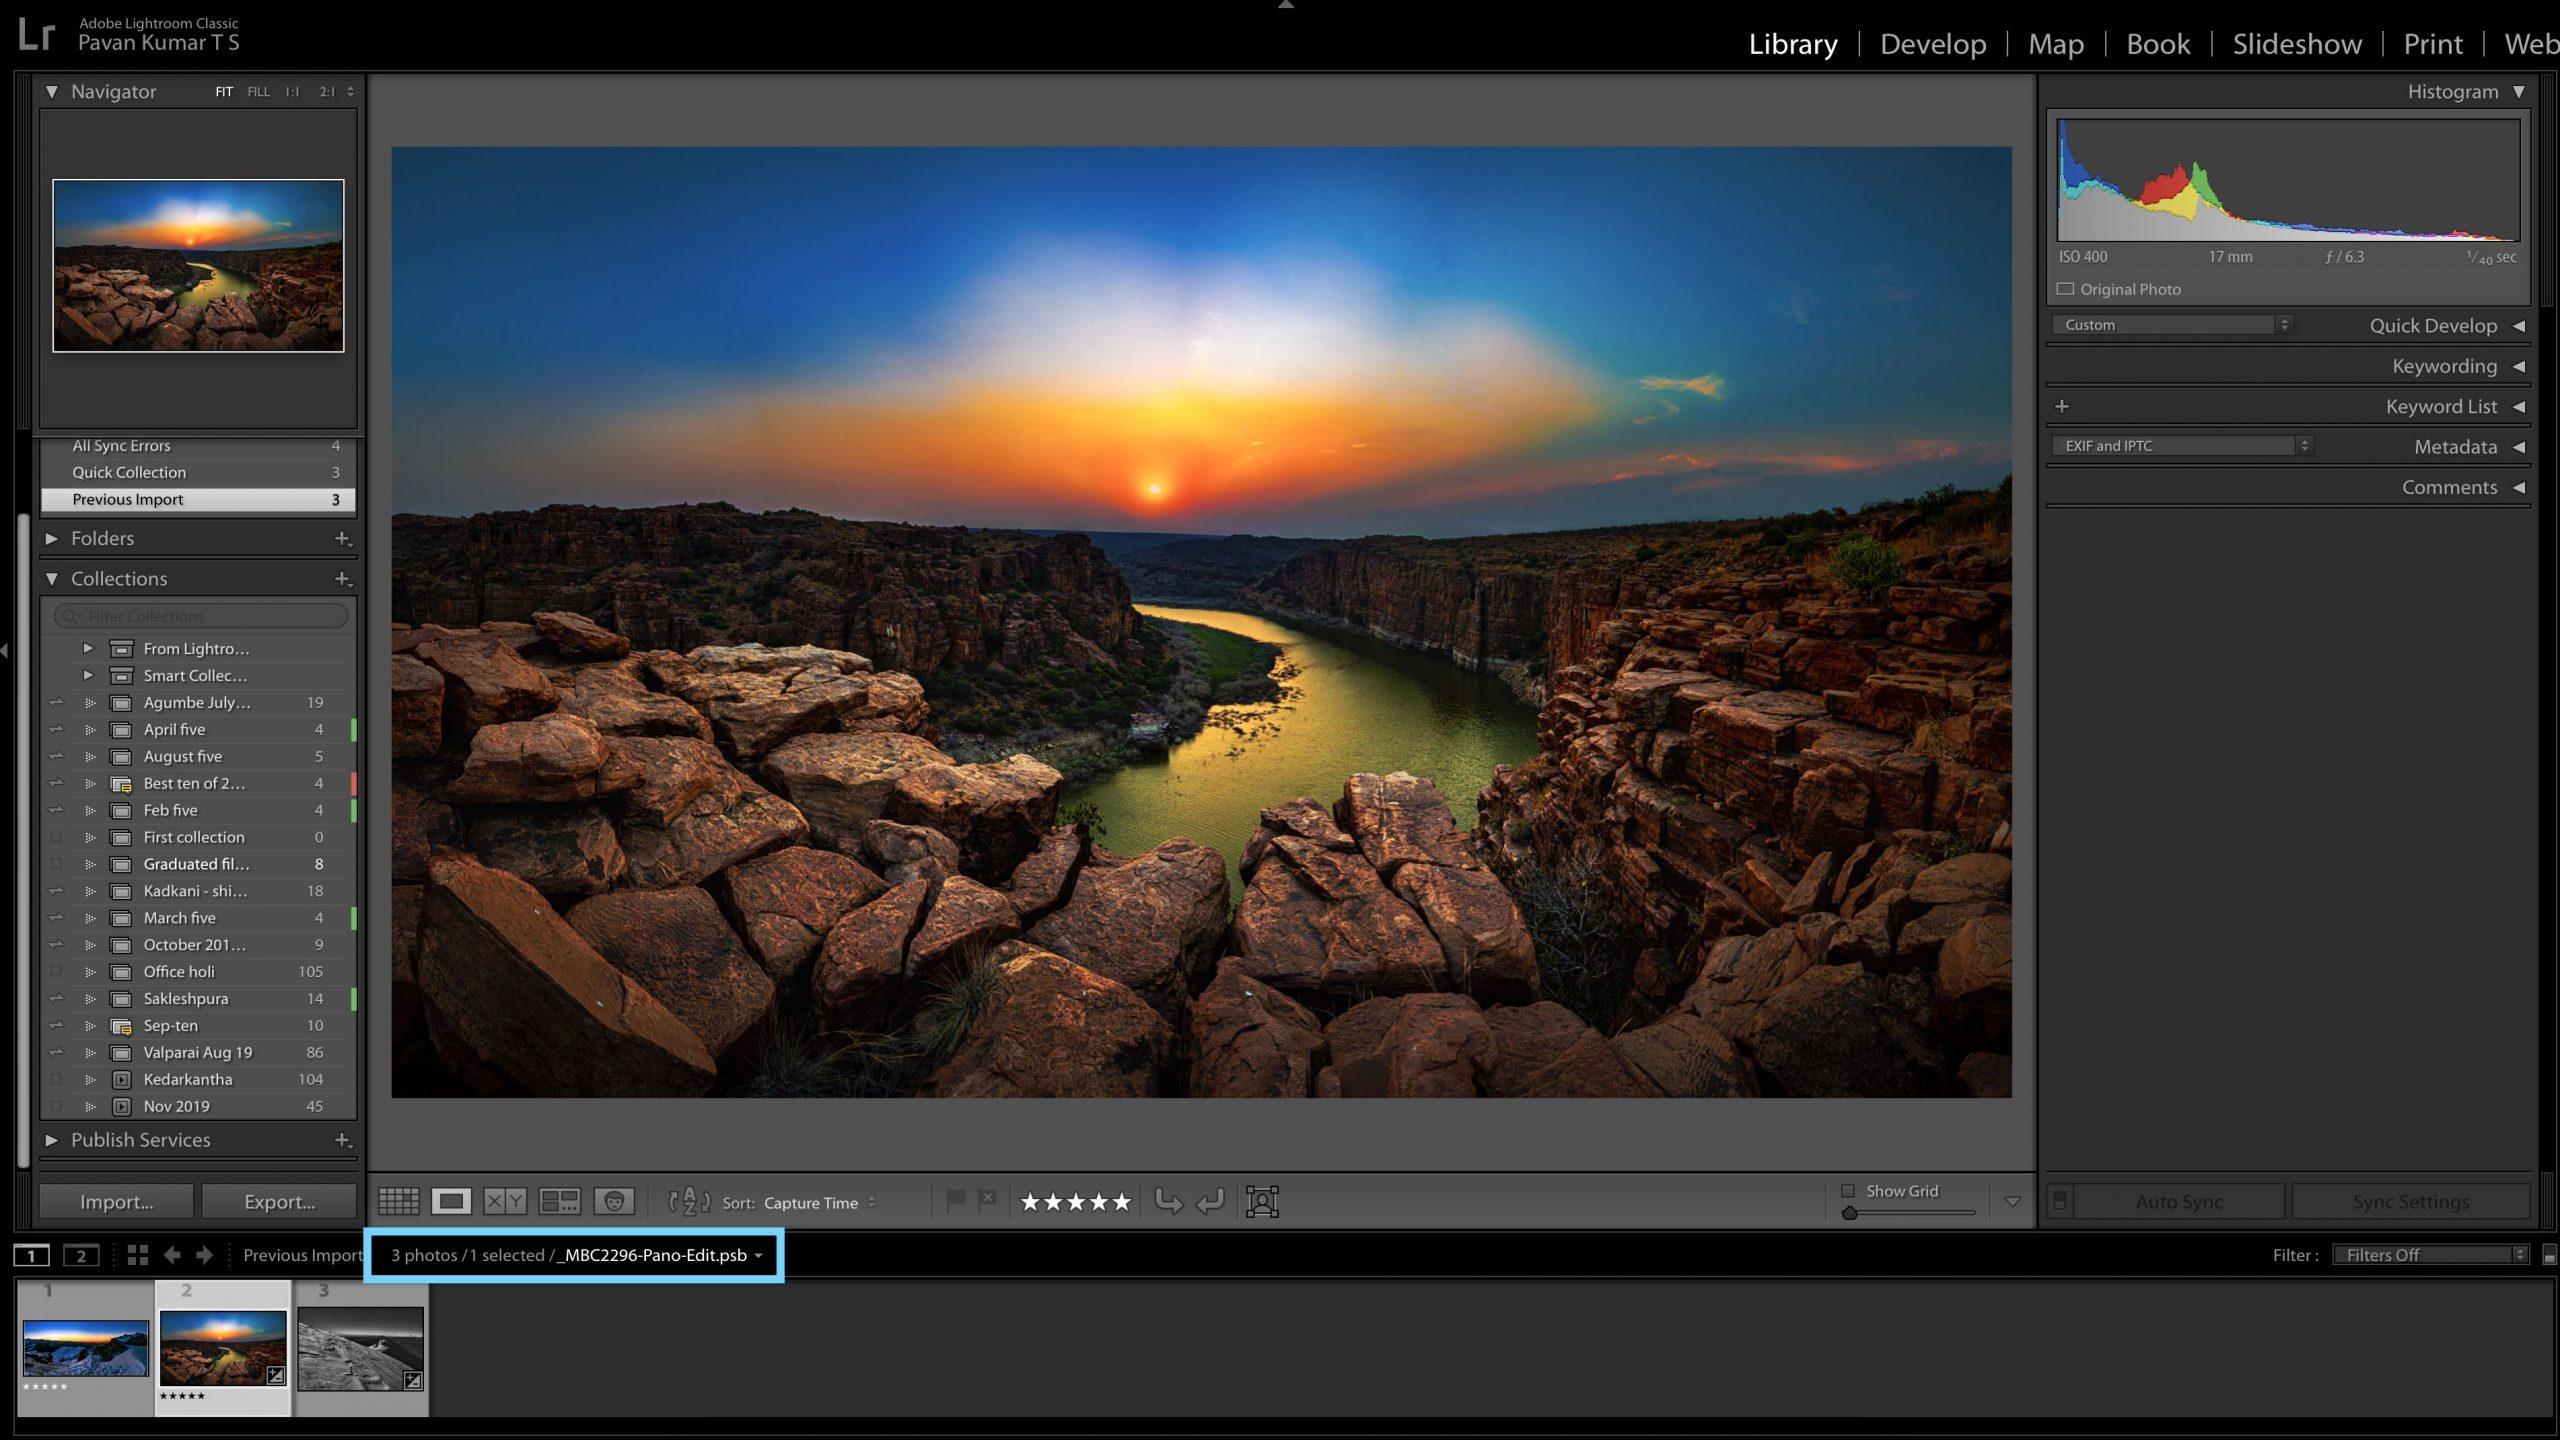 Adobe tar med sig nya funktioner till Lightroom som Split View på iPad och nya exportalternativ 1